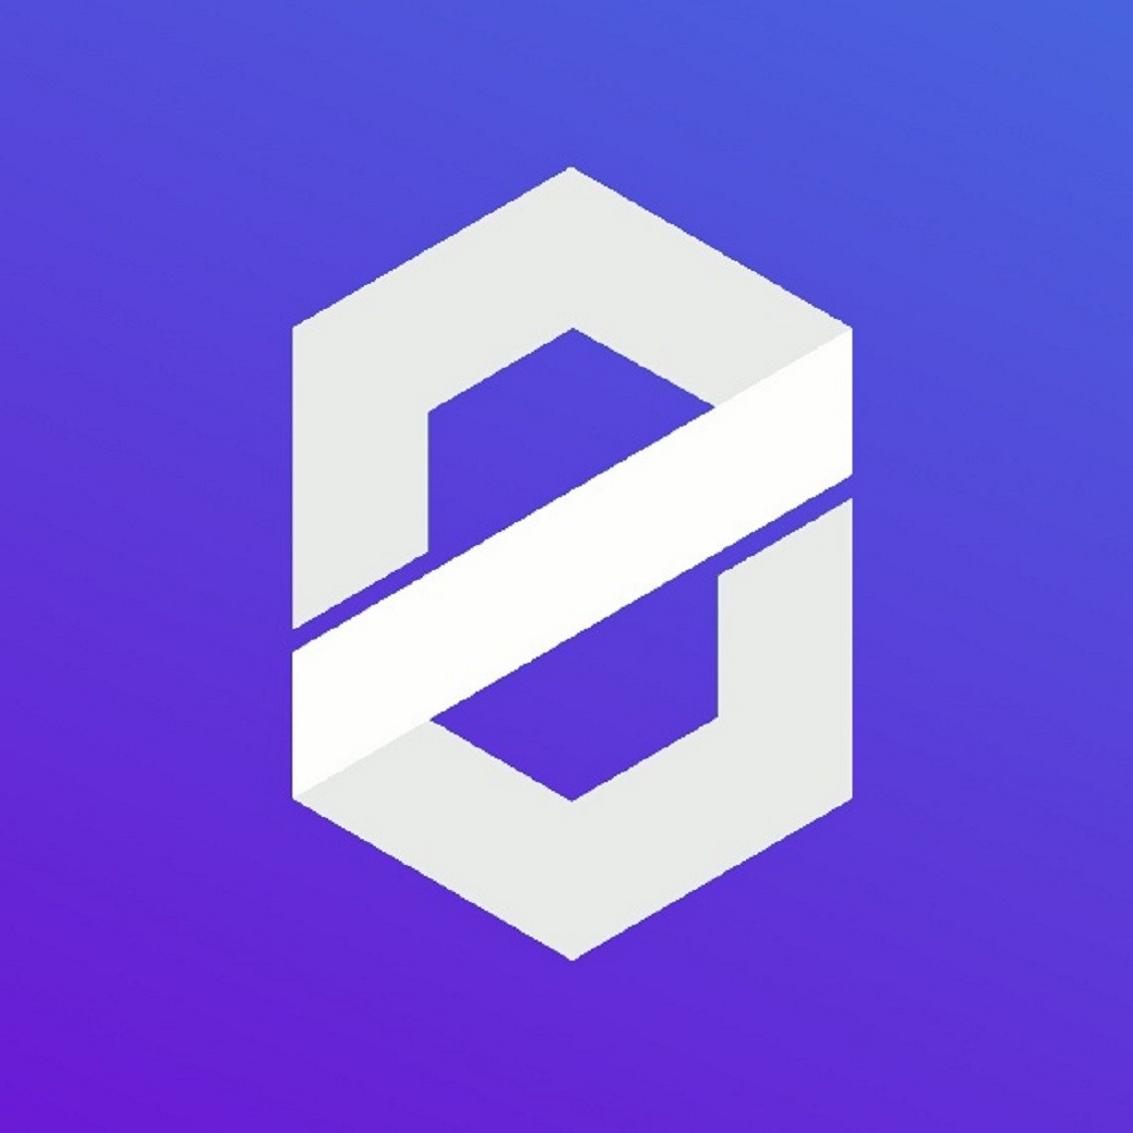 ZeroNet's icon